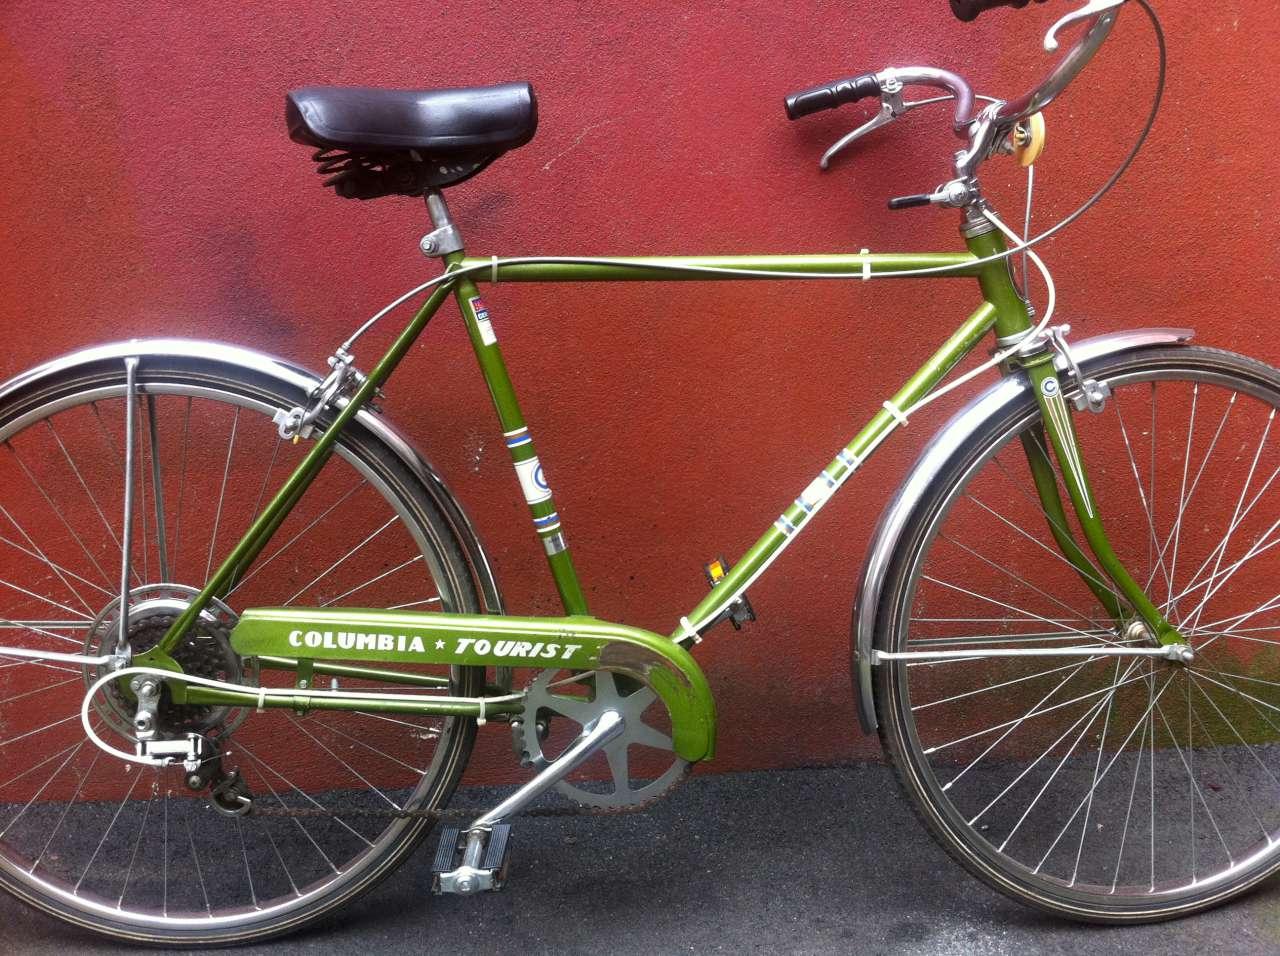 Bike Boom Refurbished Bikes Columbia Tourist